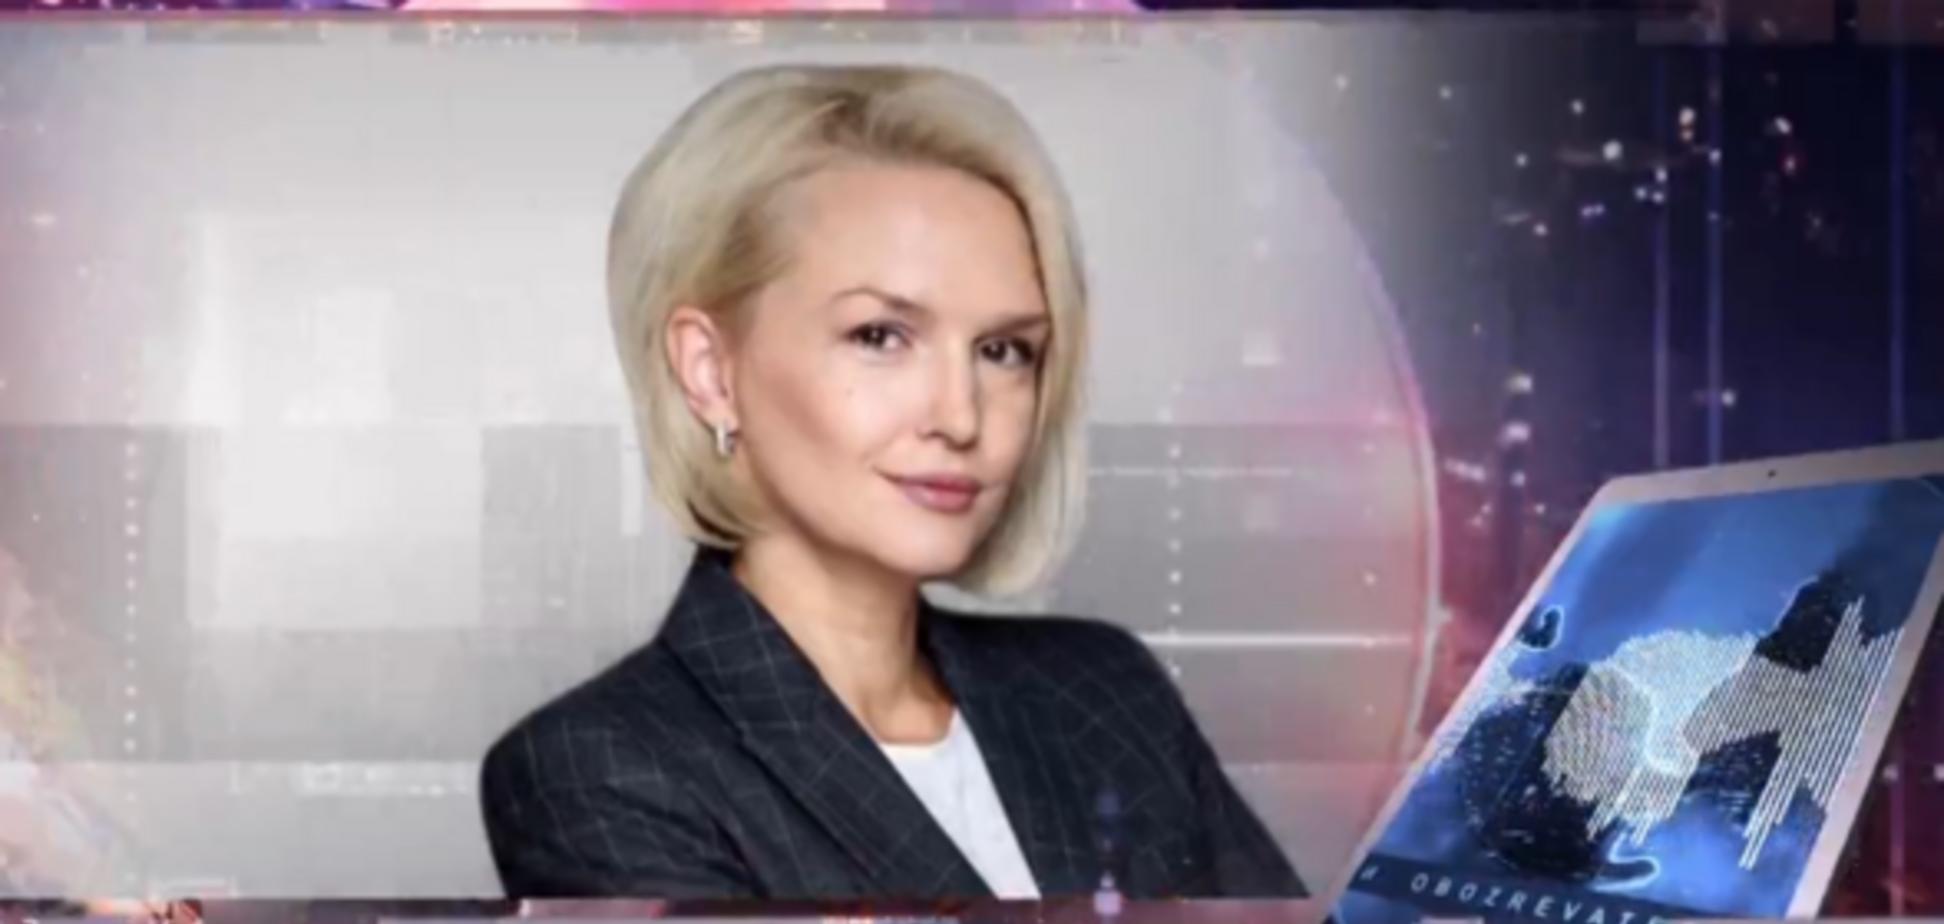 Факты нарушений Россией Минских договоренностей переданы в ОБСЕ – пресс-секретарь МИД